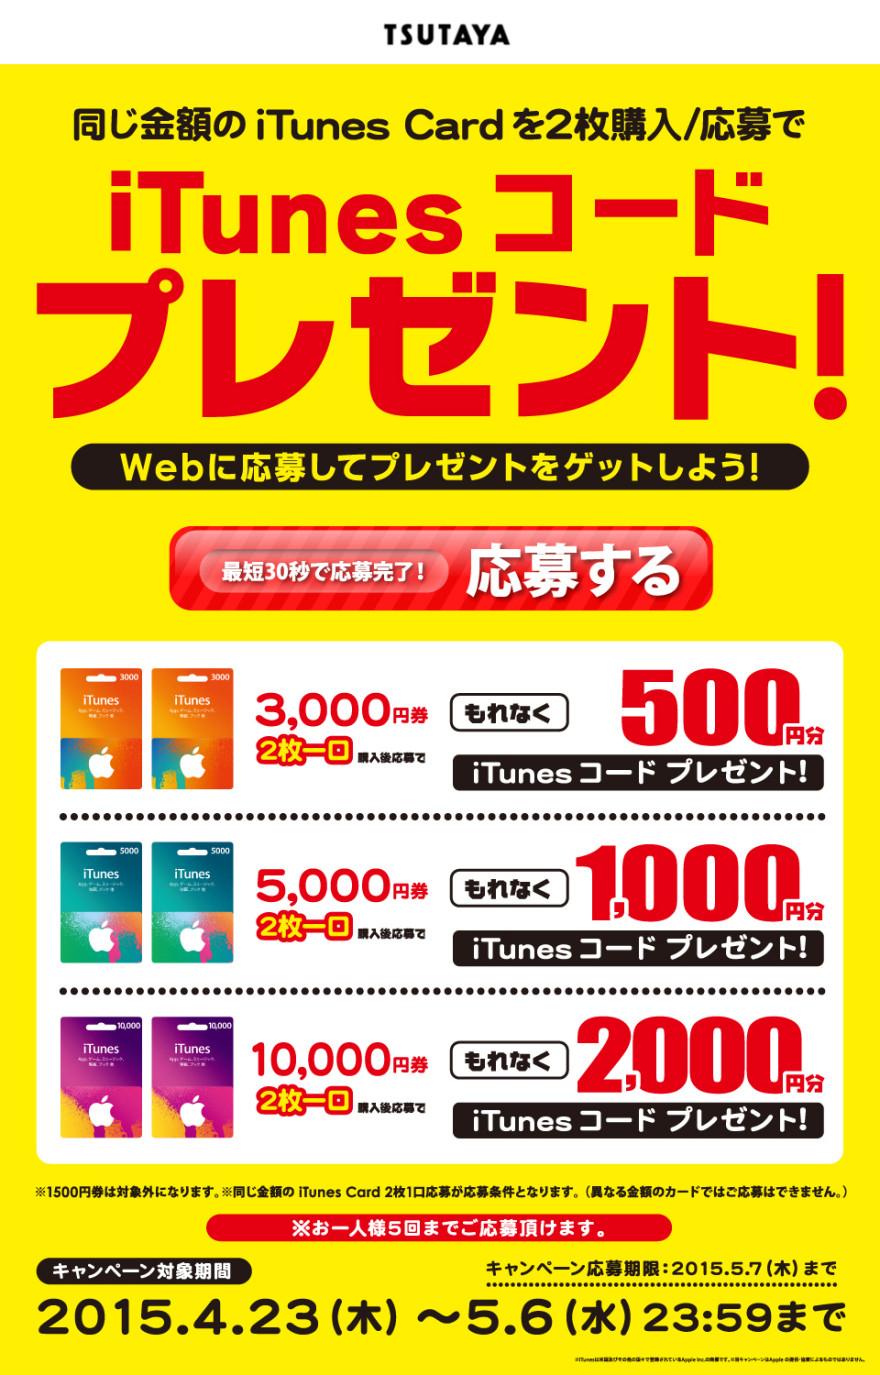 TSUTAYA iTunes コードプレゼントキャンペーンスタートのお知らせ